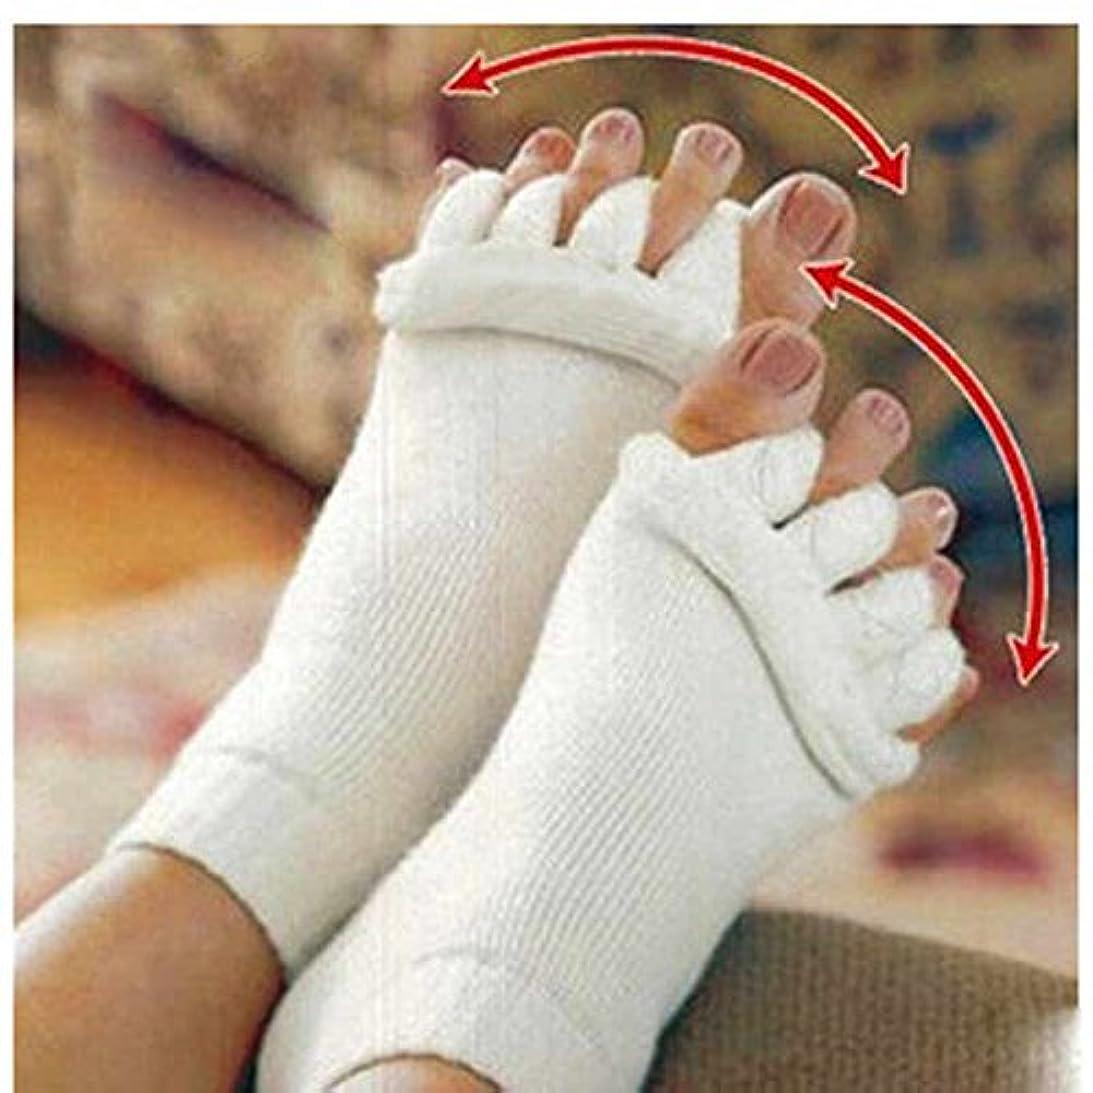 締め切り手錠パウダーLorny(TM) 2個マッサージファイブつま先ソックス指セパレーター骨の親指女性ソックスのためにコレクターの痛みを軽減するソックスペディキュア足セパレーターについて